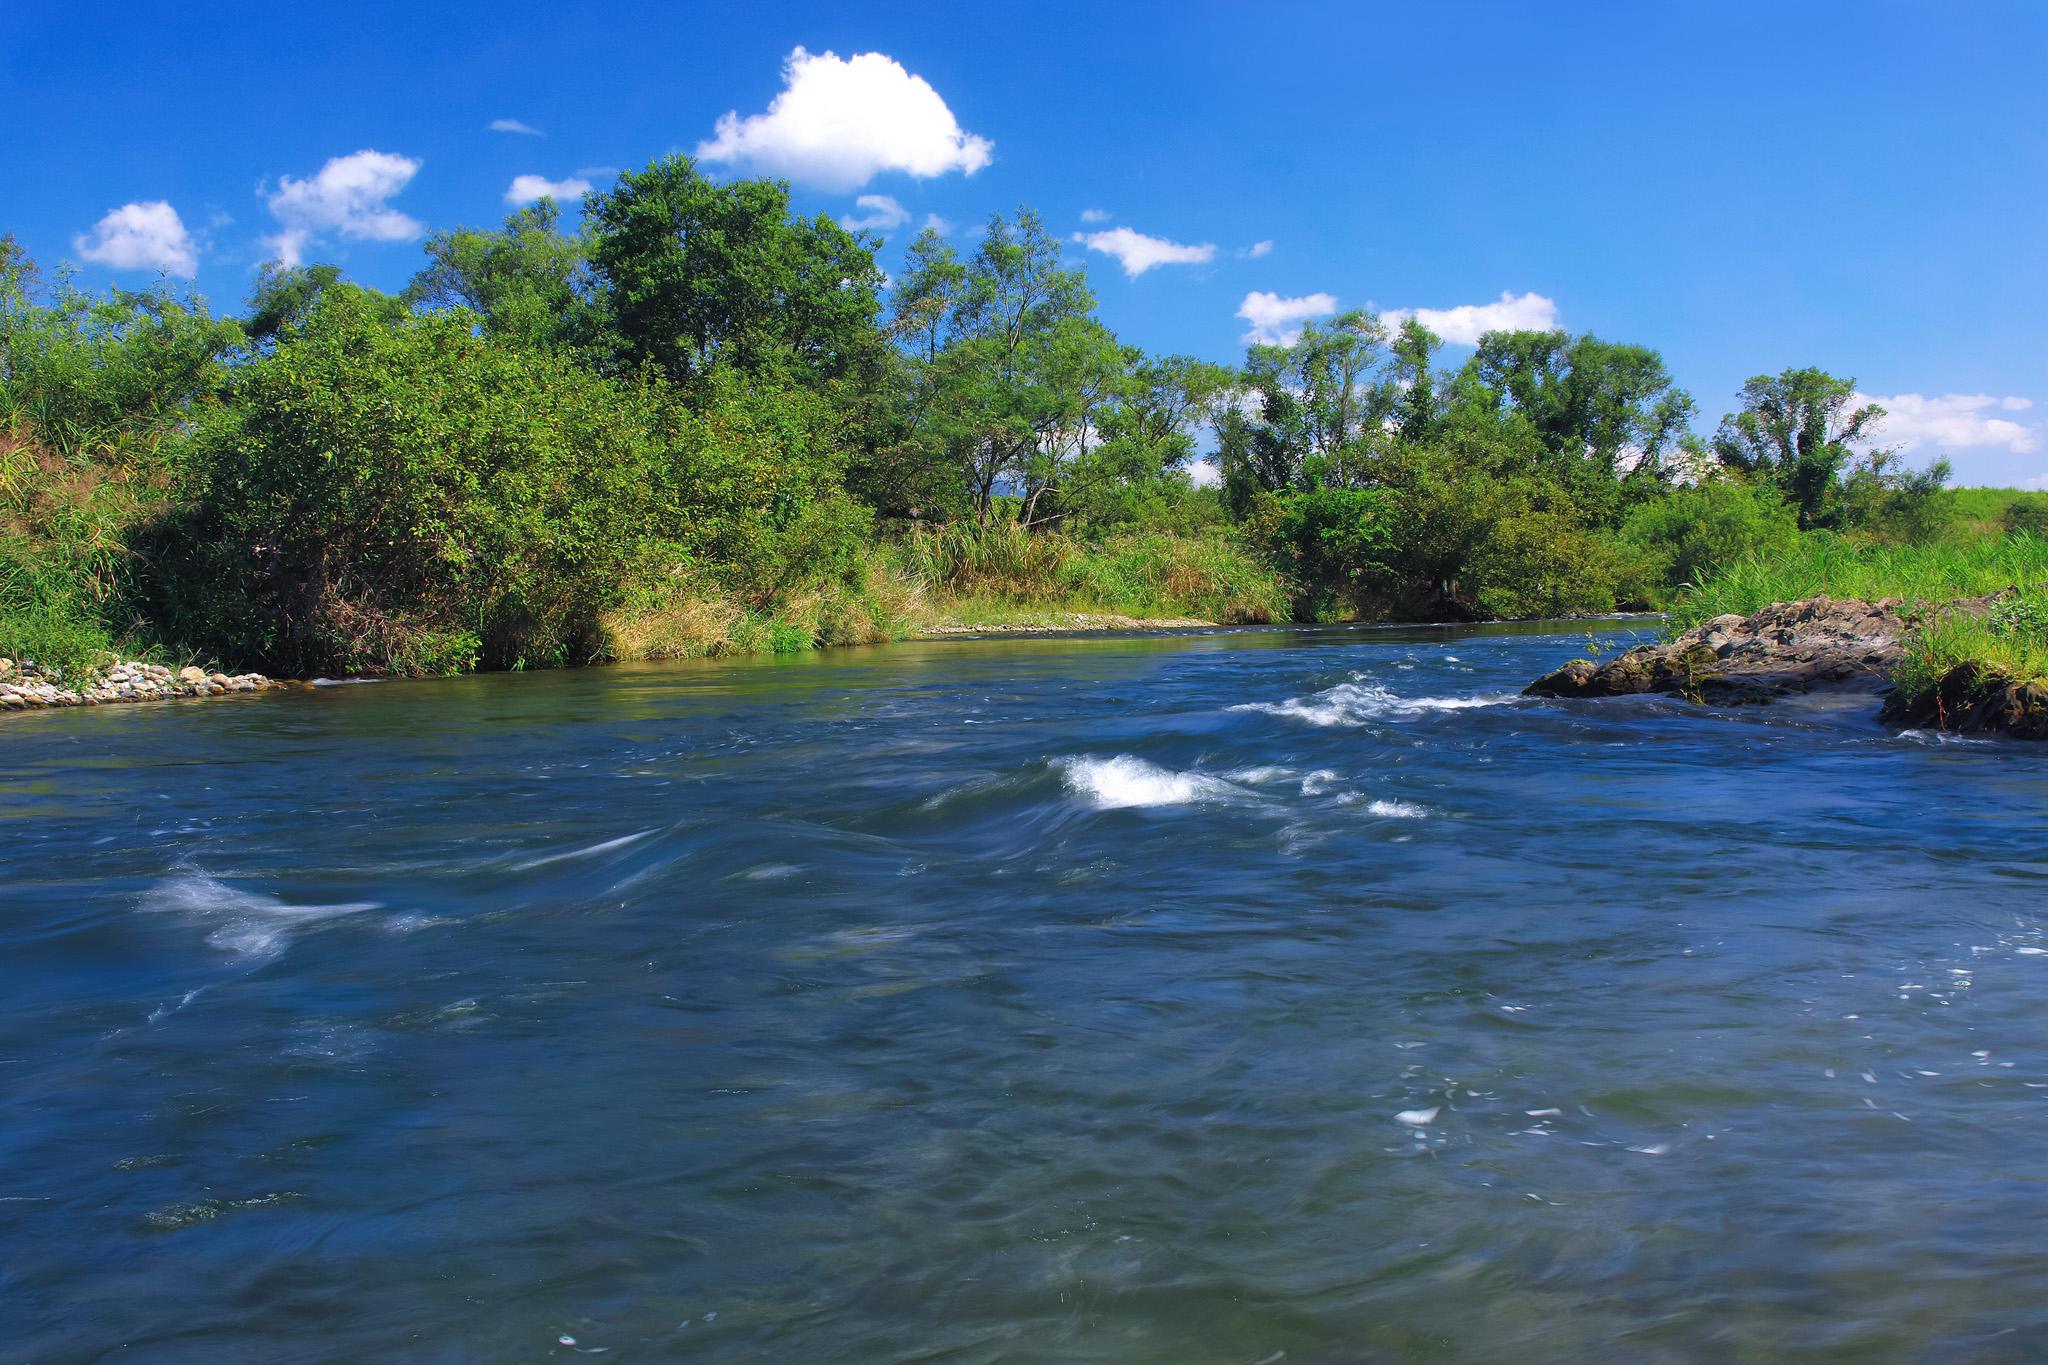 「青く澄んだ水が流れる川の中流域」の画像を無料ダウンロード